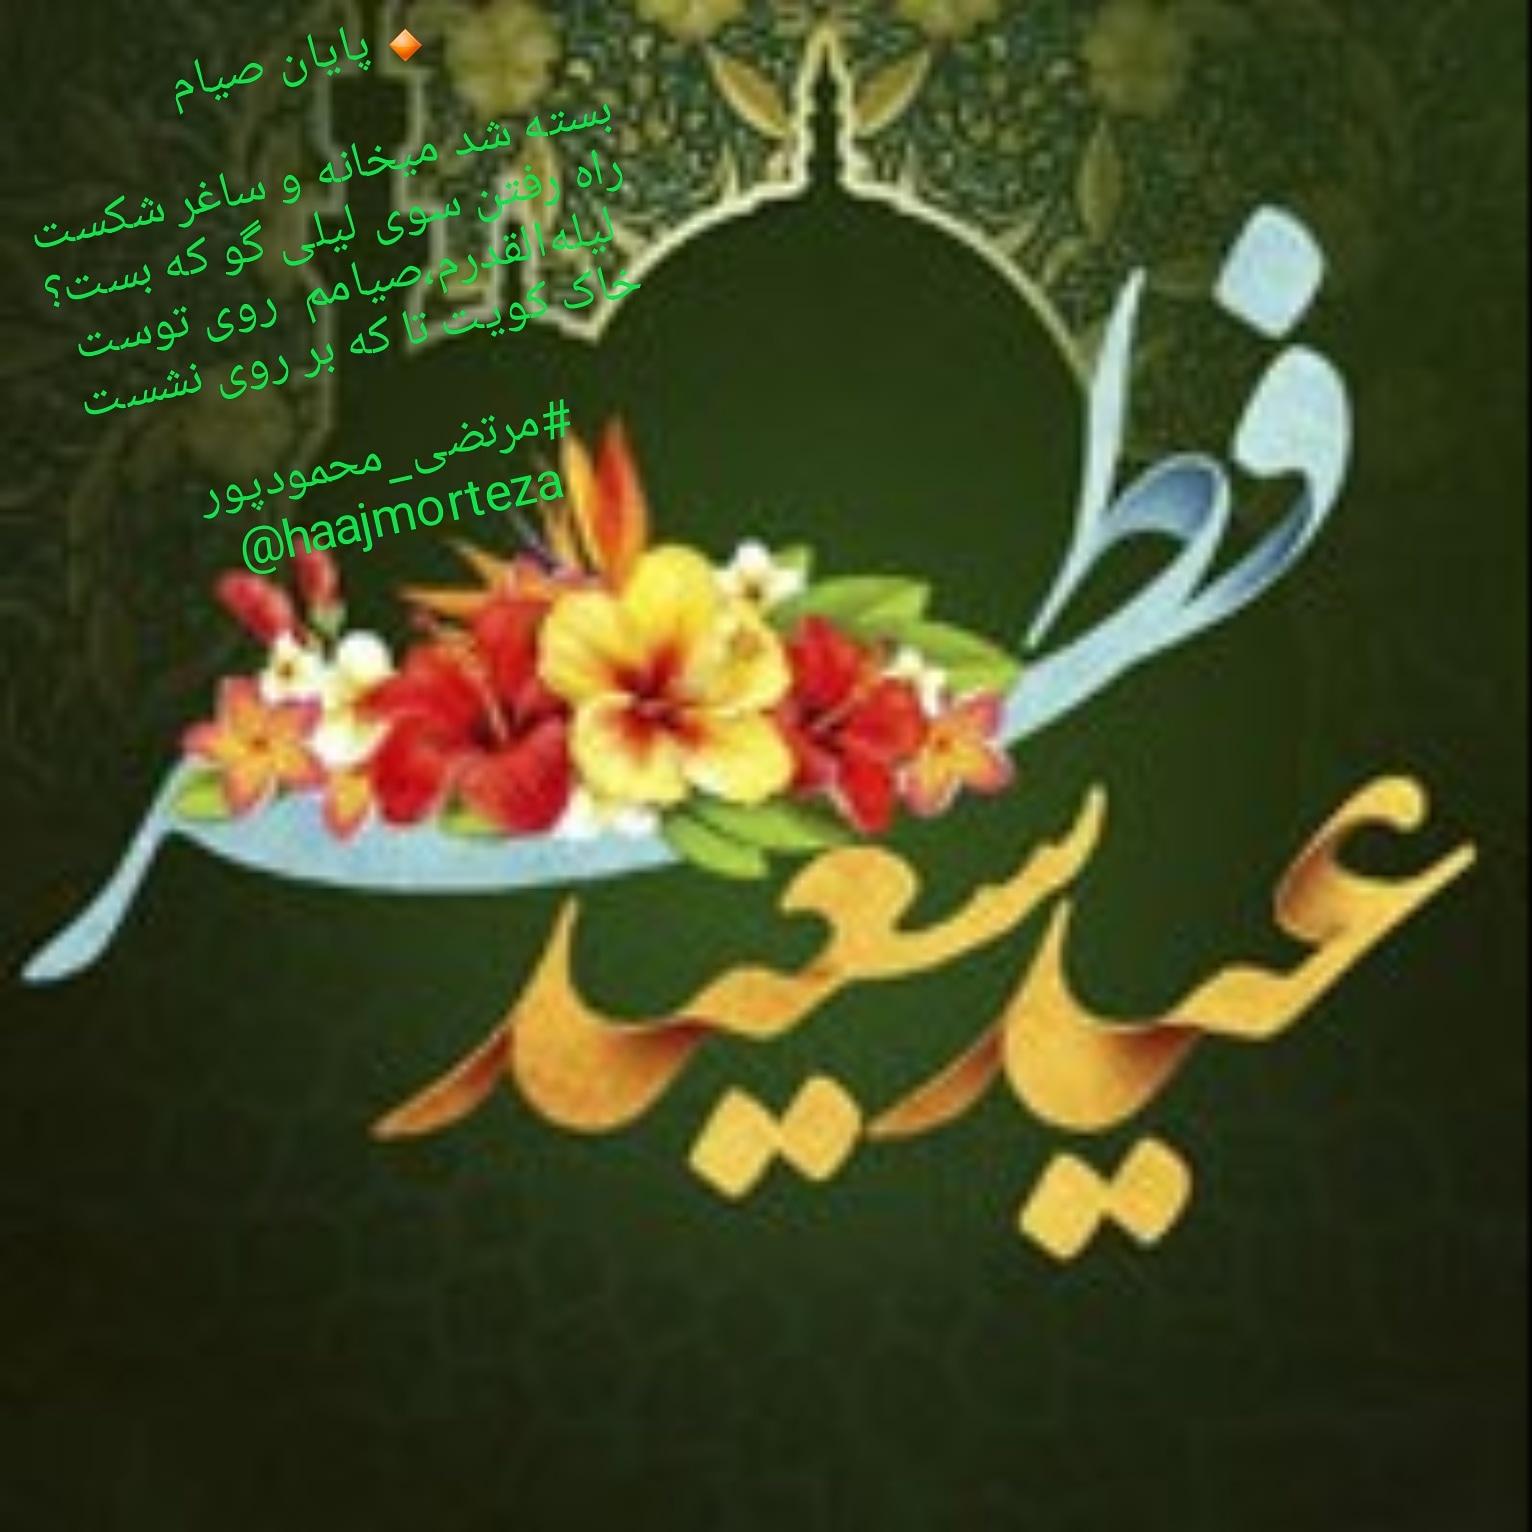 پایان رمضانالکریم عید فطر مبارکباد -(بسته شد میخانه و ساغر شکست)